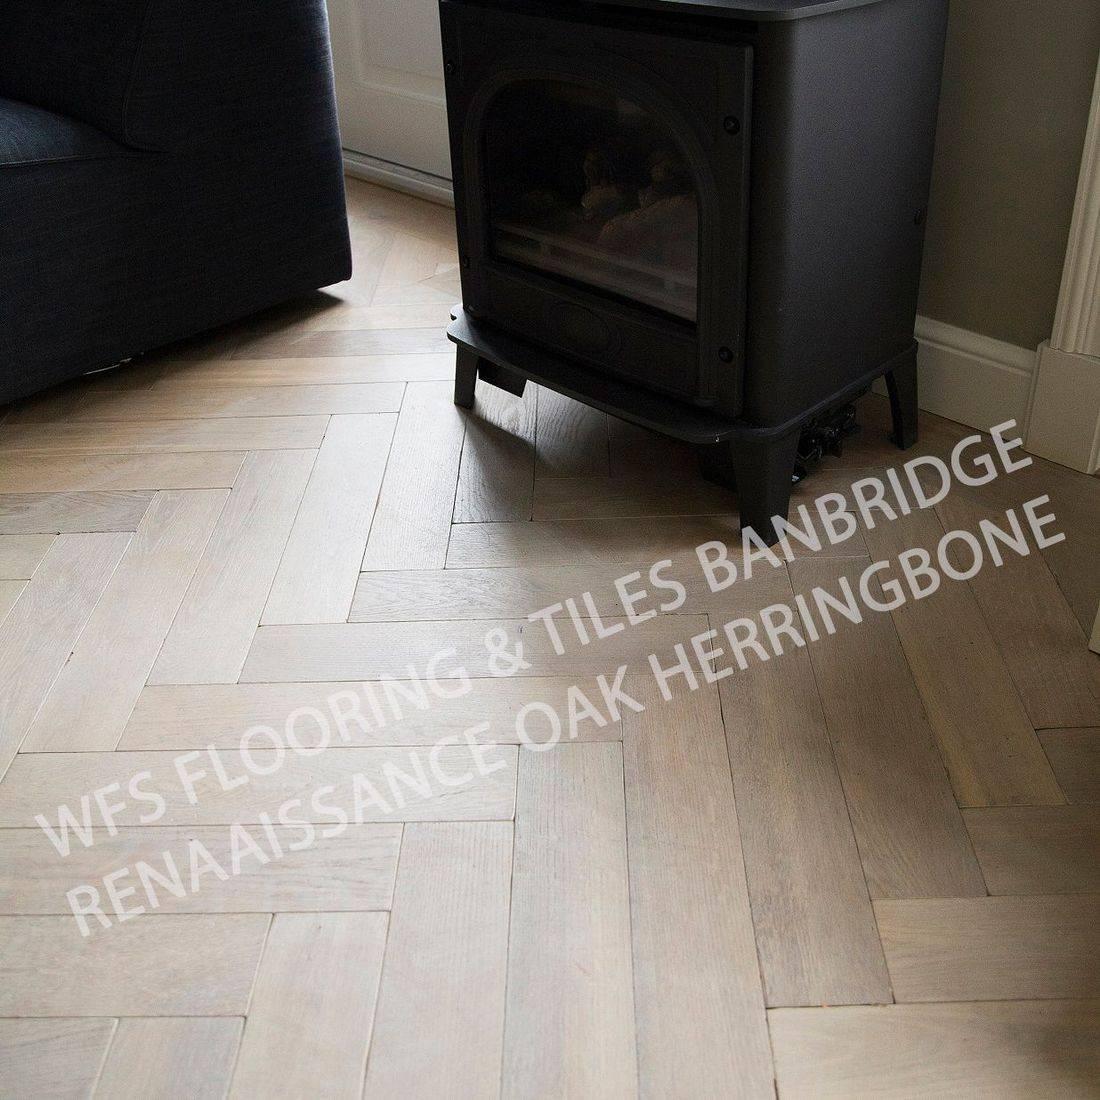 Renaaissance Oak Herringbone